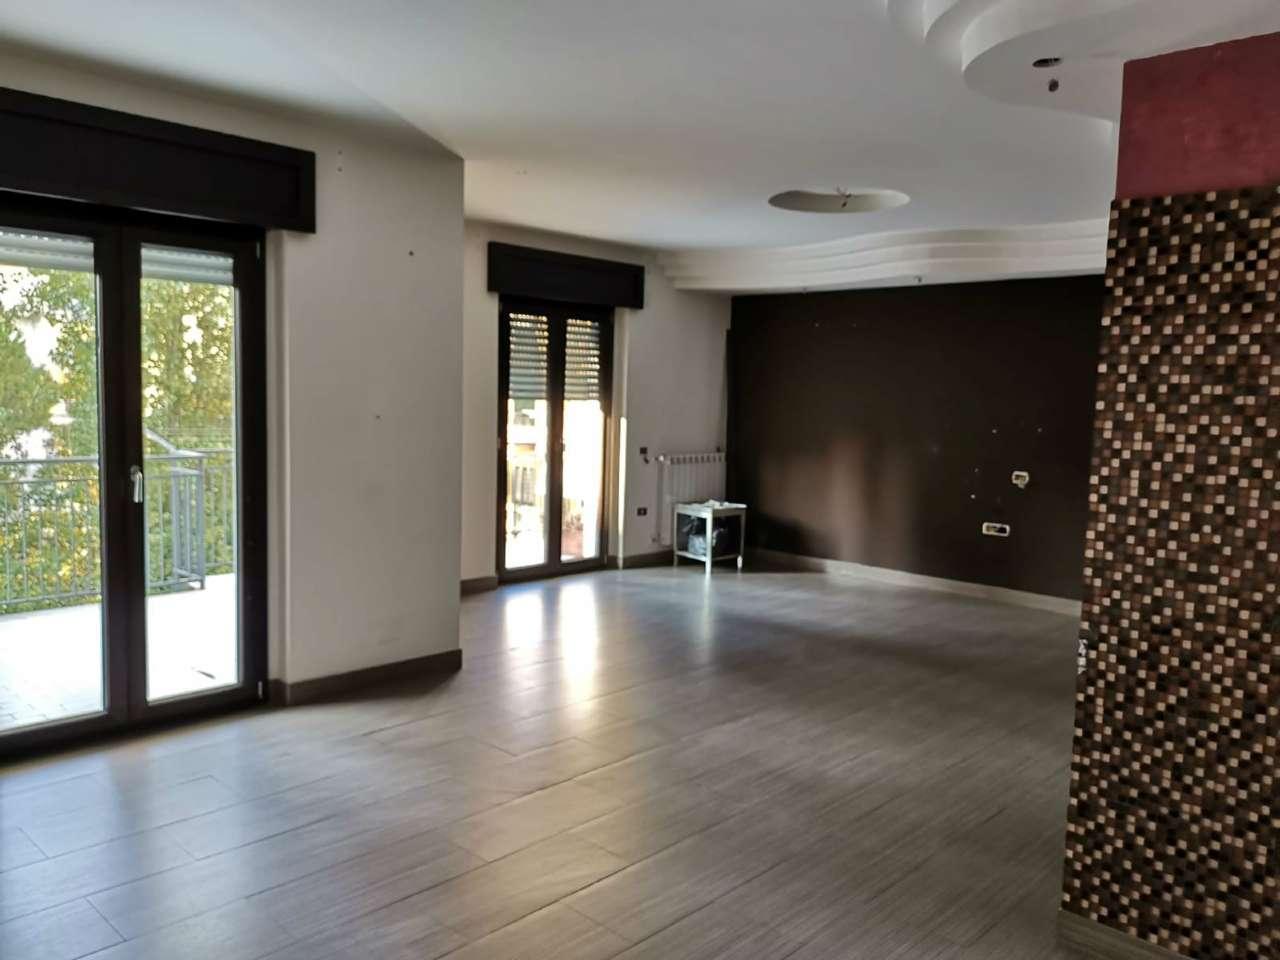 Appartamento in vendita a Villaricca, 3 locali, prezzo € 147.000 | PortaleAgenzieImmobiliari.it